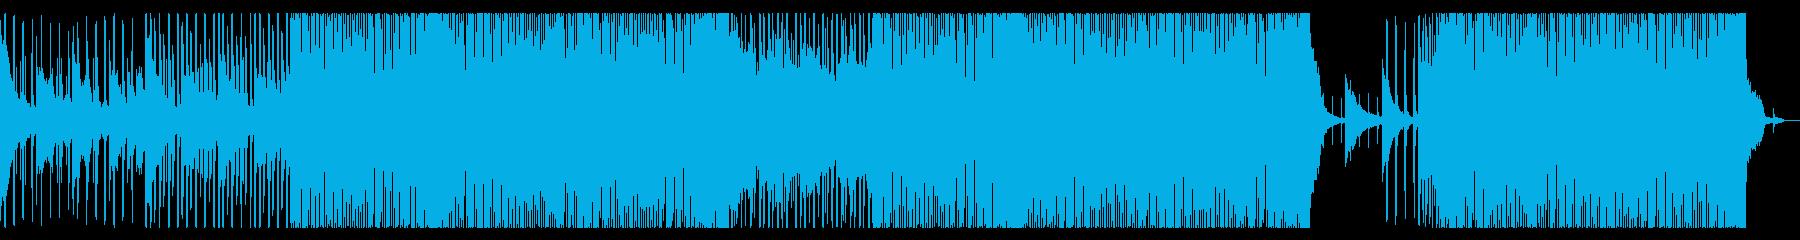 花の景色が似合う暖かなBGM/楽曲の再生済みの波形